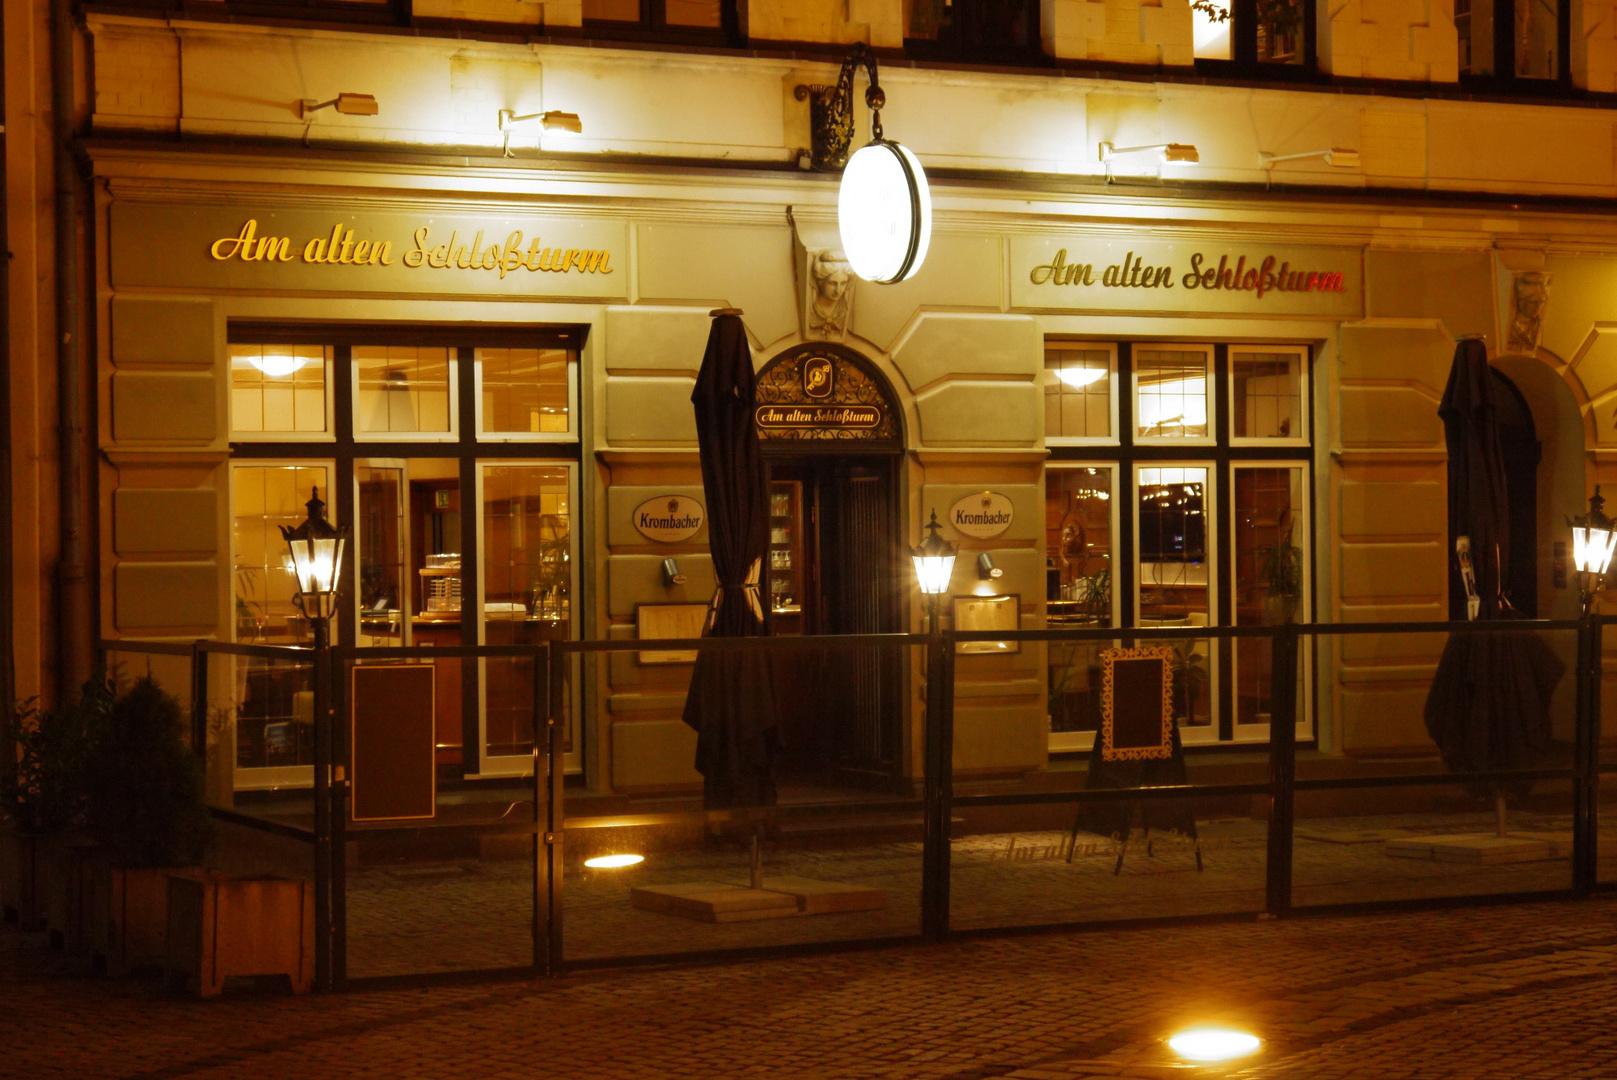 Abendstimmung in Düsseldorf 4